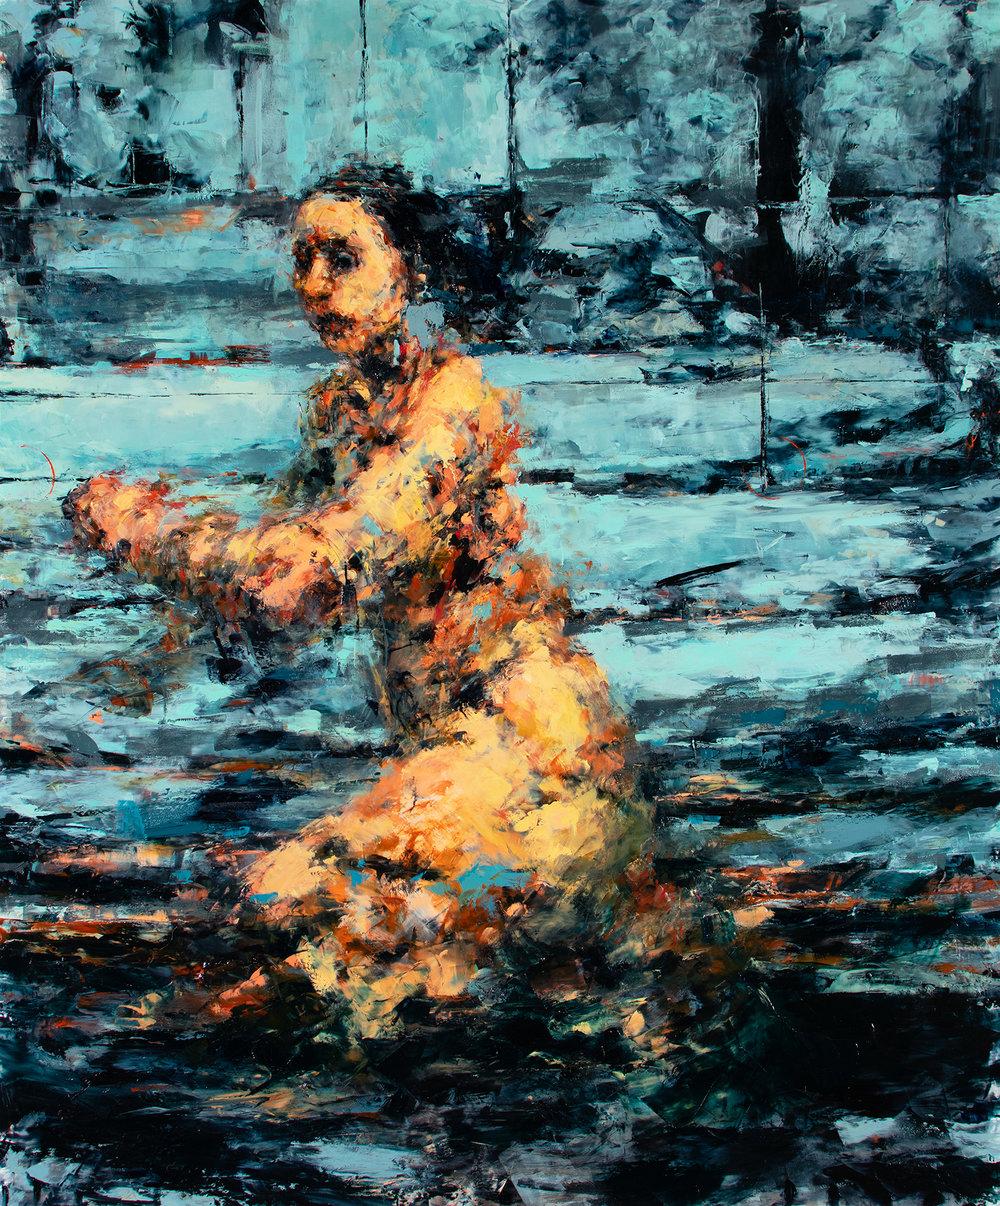 """'Persistence', oil on plexiglass, 36"""" x 30"""" x 1/2"""", 2018"""